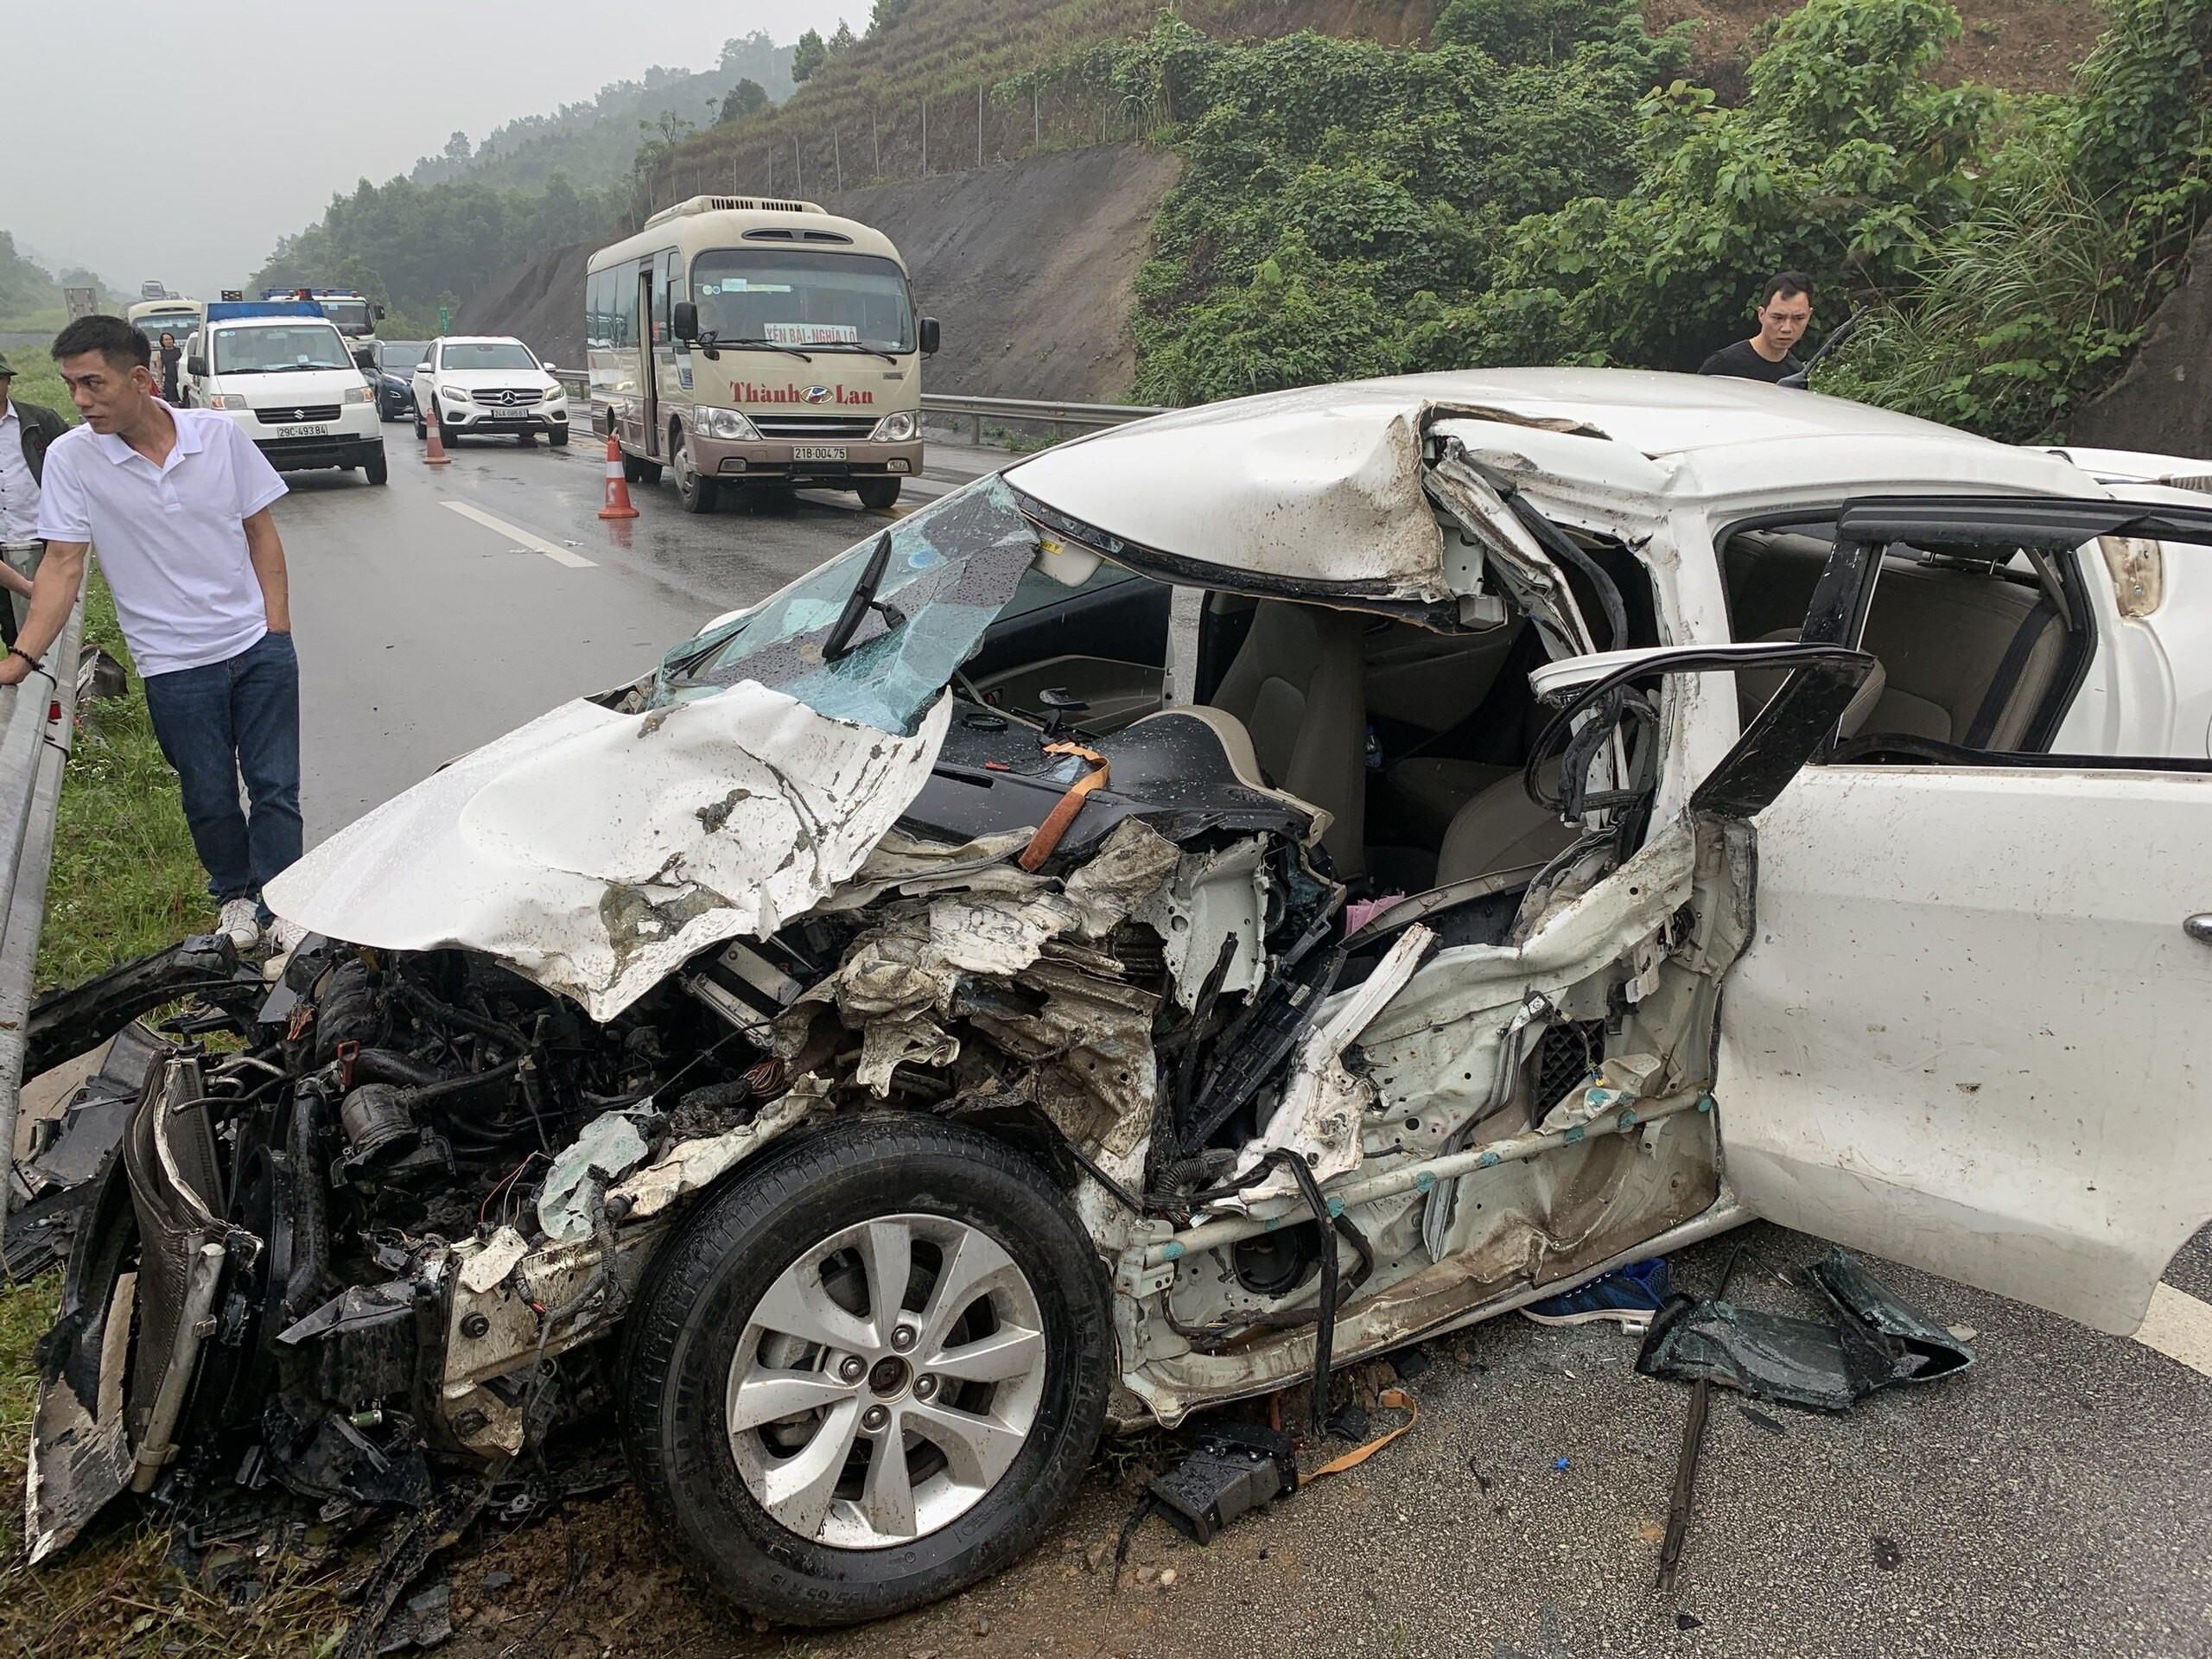 Sau 4 ngày nghỉ lễ: Số vụ tai nạn giao thông tăng, đua xe trái phép nhiều Ảnh 1